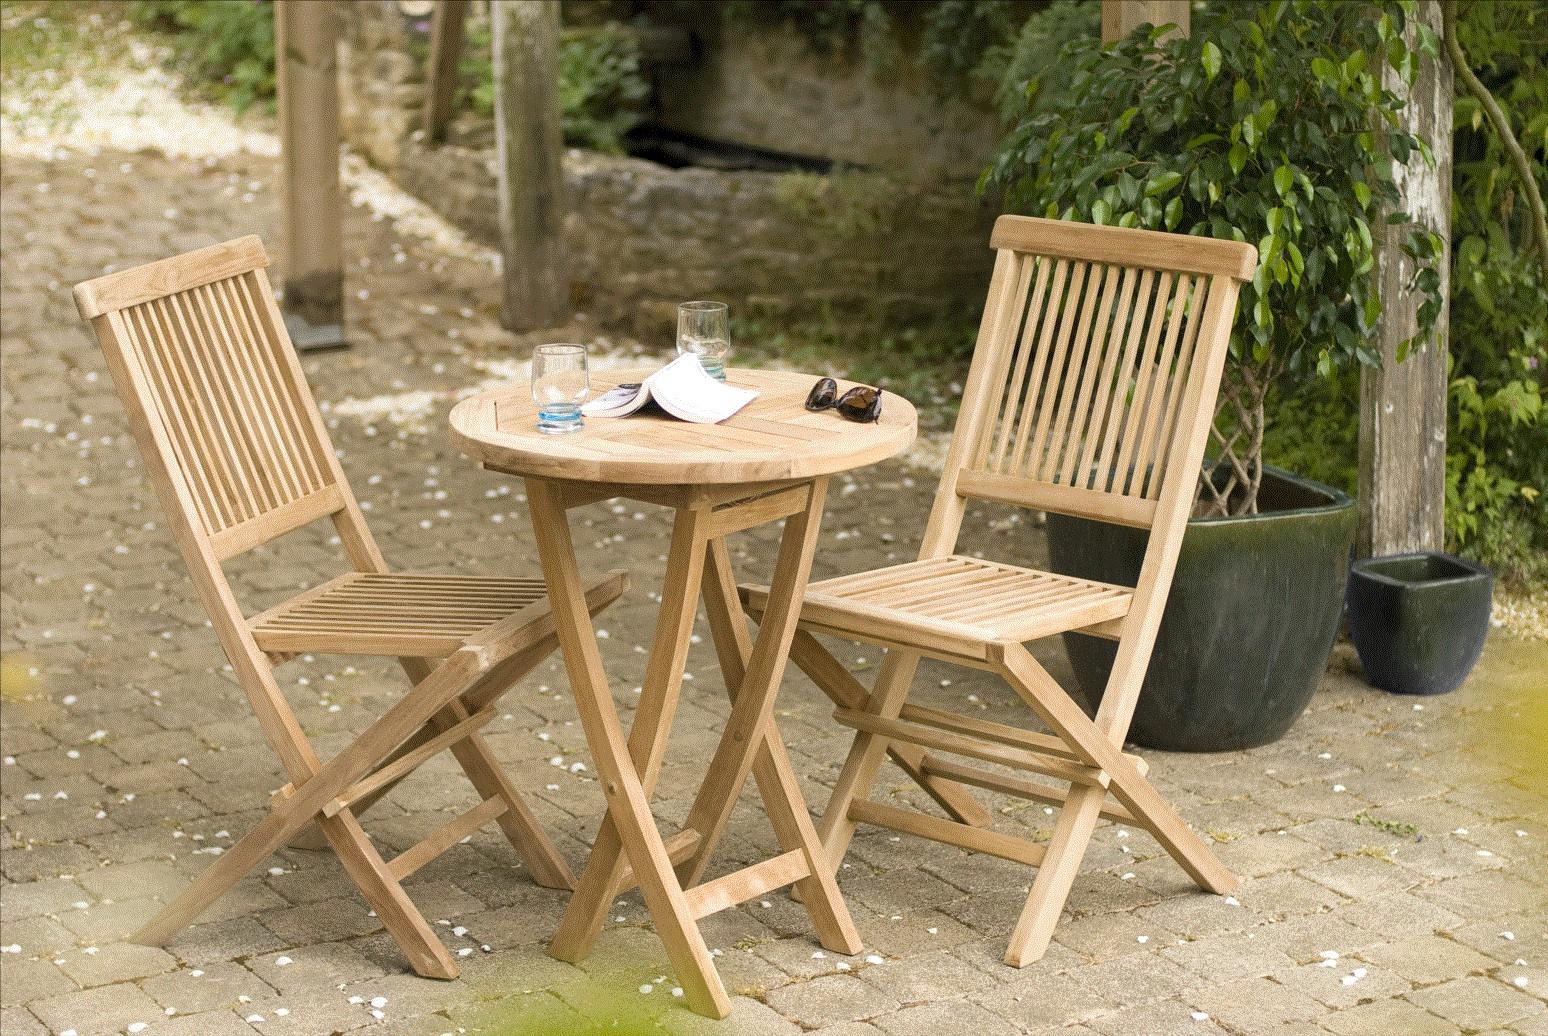 Salon De Jardin En Teck Table Ronde 2 Chaises 60Cm Summer tout Table De Jardin Ronde En Bois